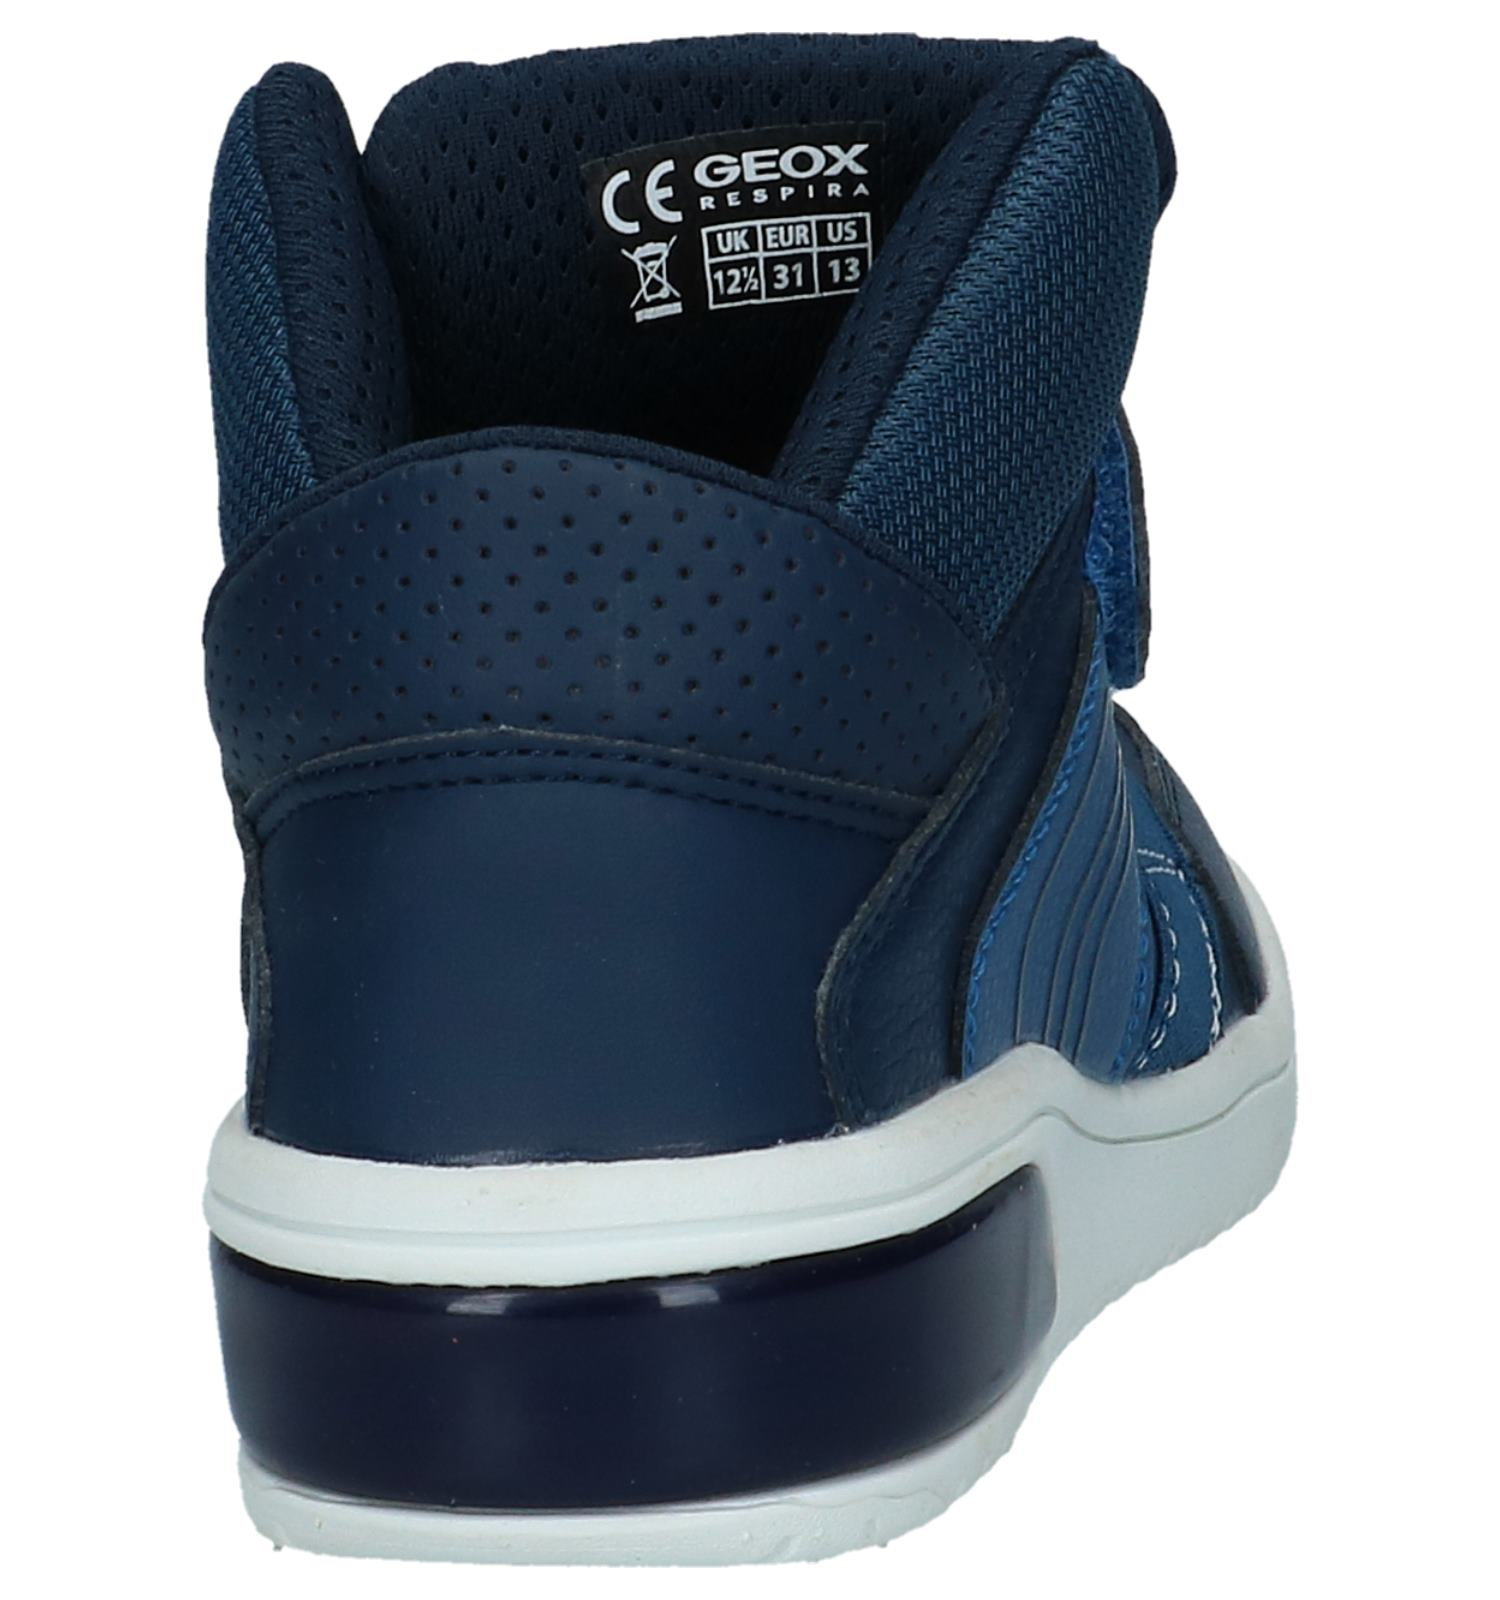 Gratis Hoge Sneakers be Geox Lichtjes Verzend Met Blauwe Torfs 0pqqw5U